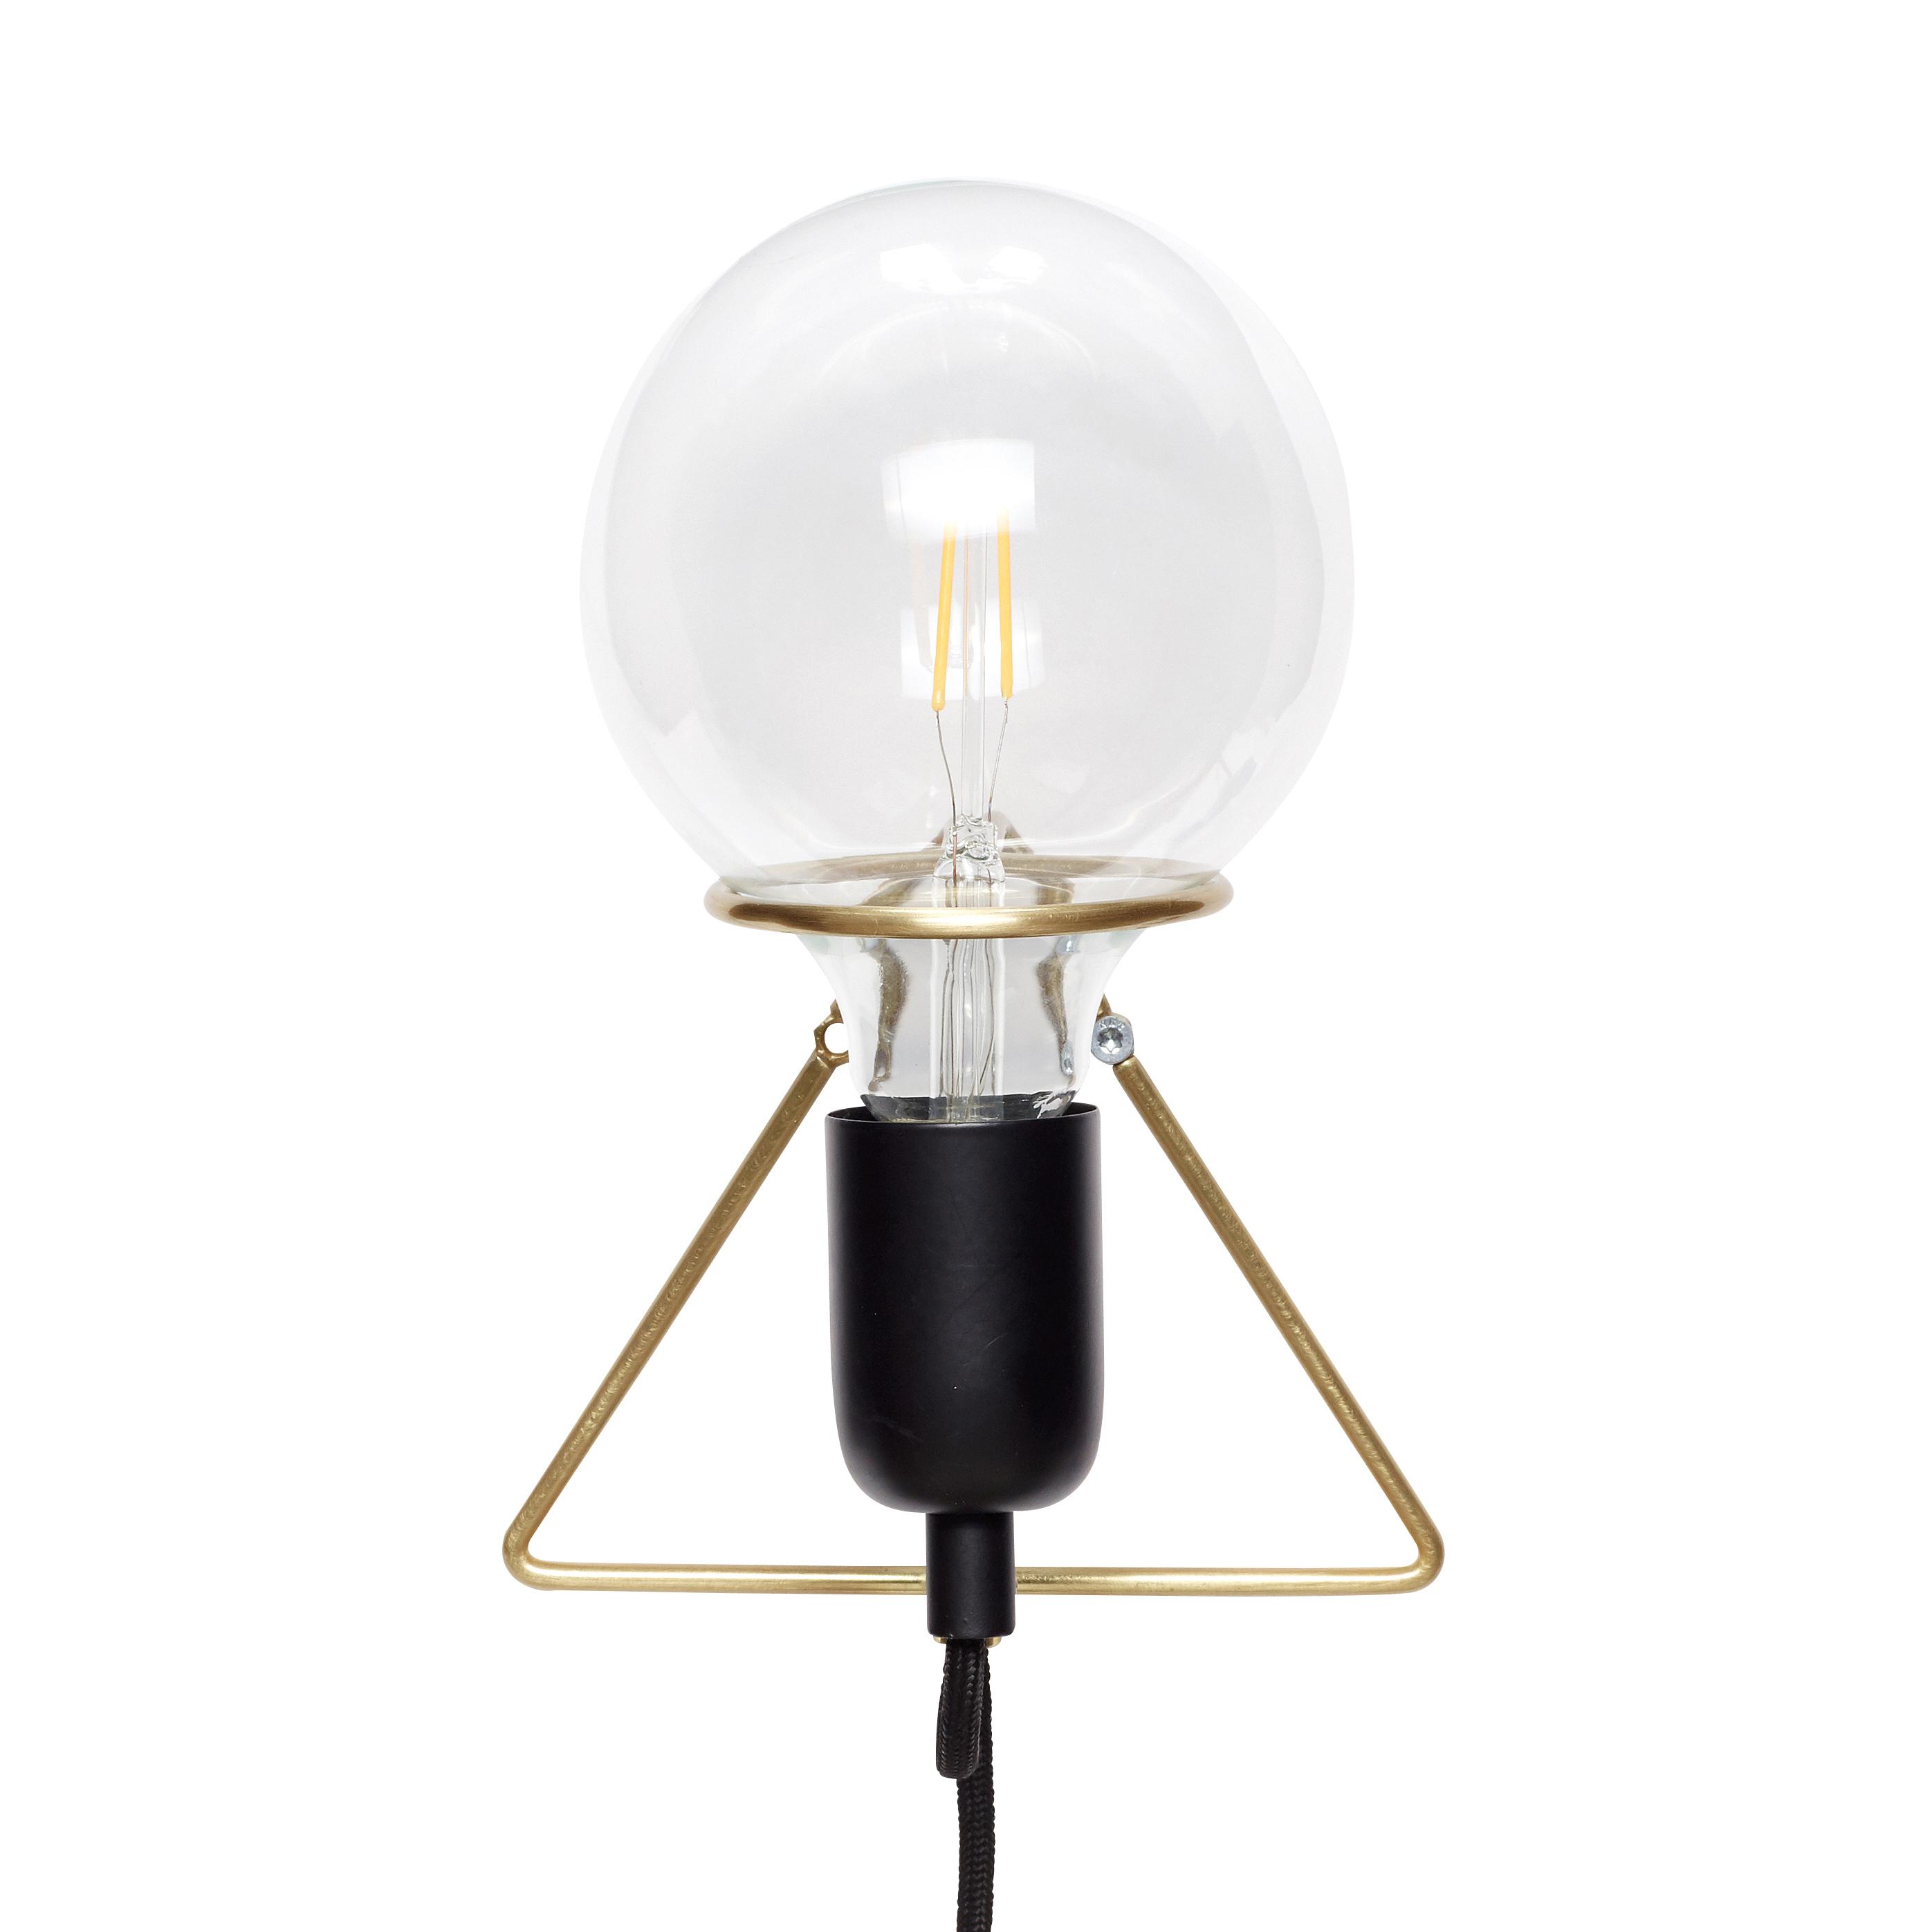 applique lampe hubsch site fran ais de vente d 39 objets de d coration haut de. Black Bedroom Furniture Sets. Home Design Ideas